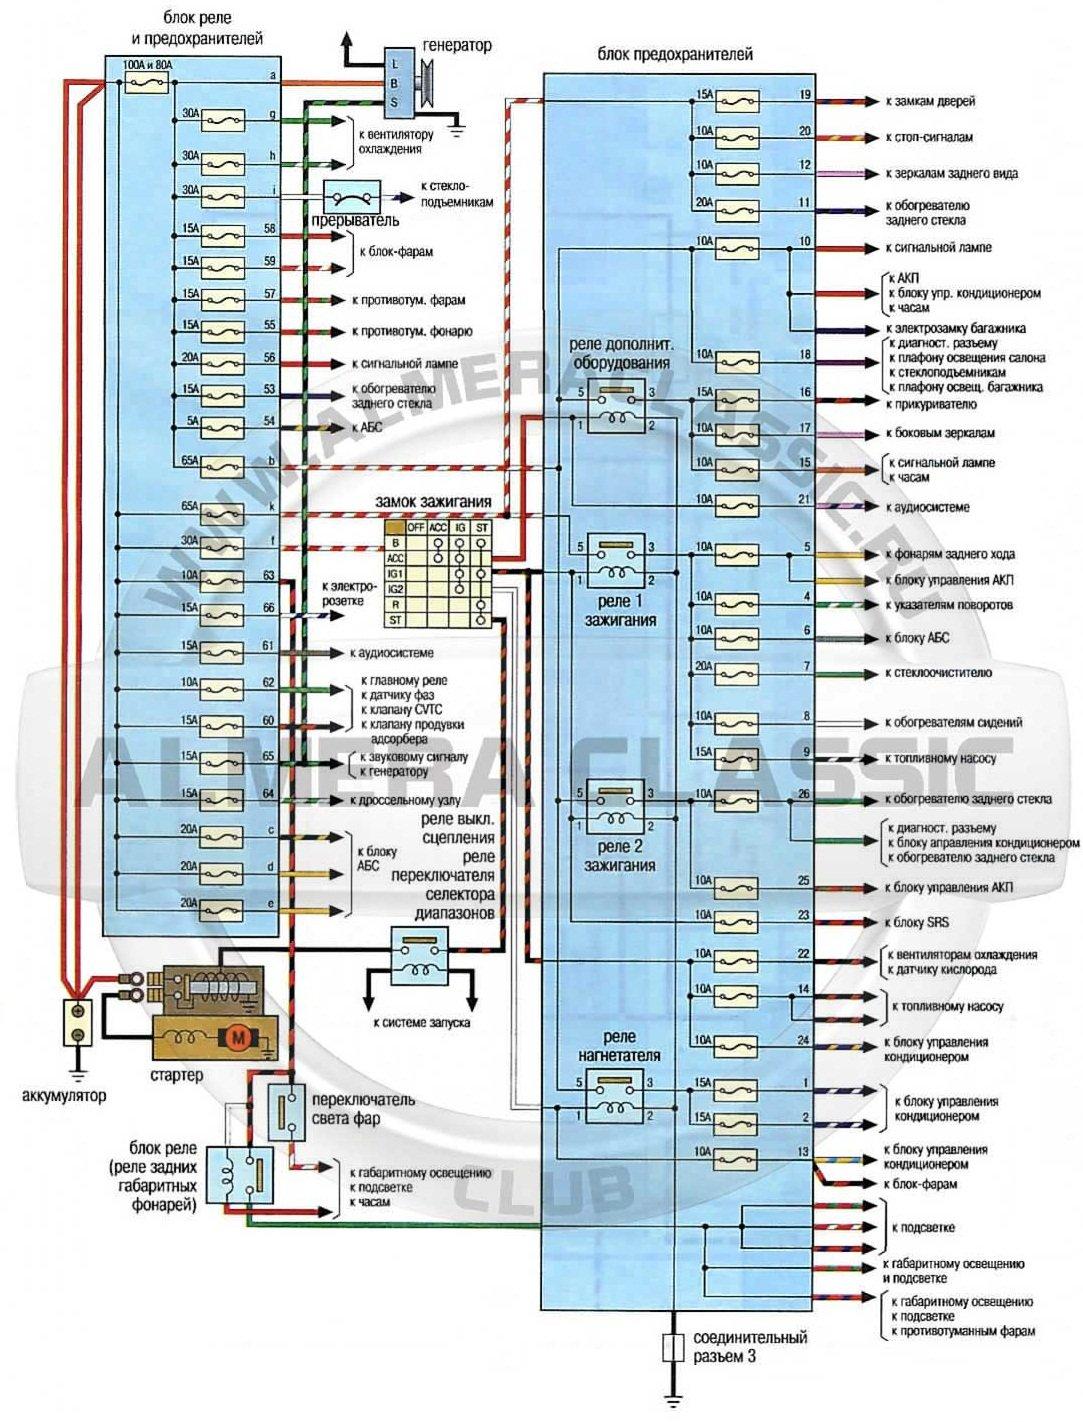 Схема 32.  Монтажный блок реле и предохранителей.